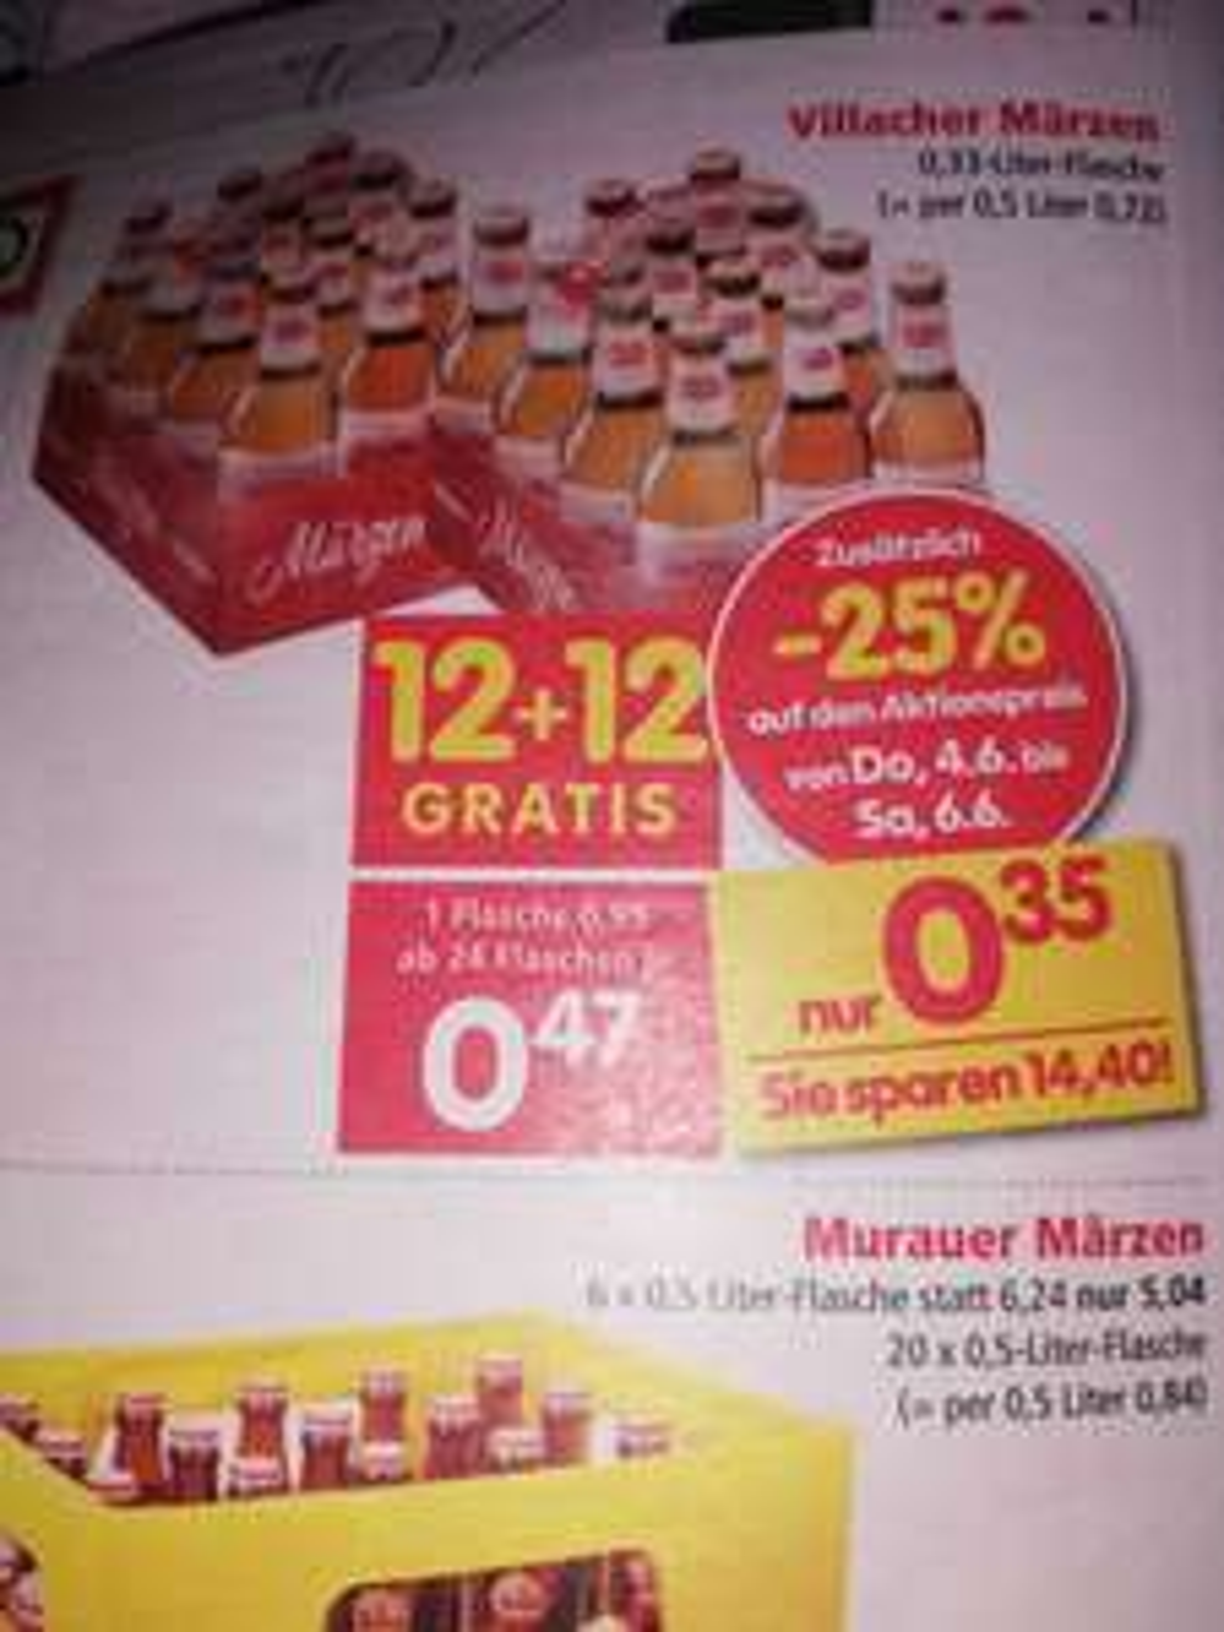 Interspar Villacher Bier 0.33 liter